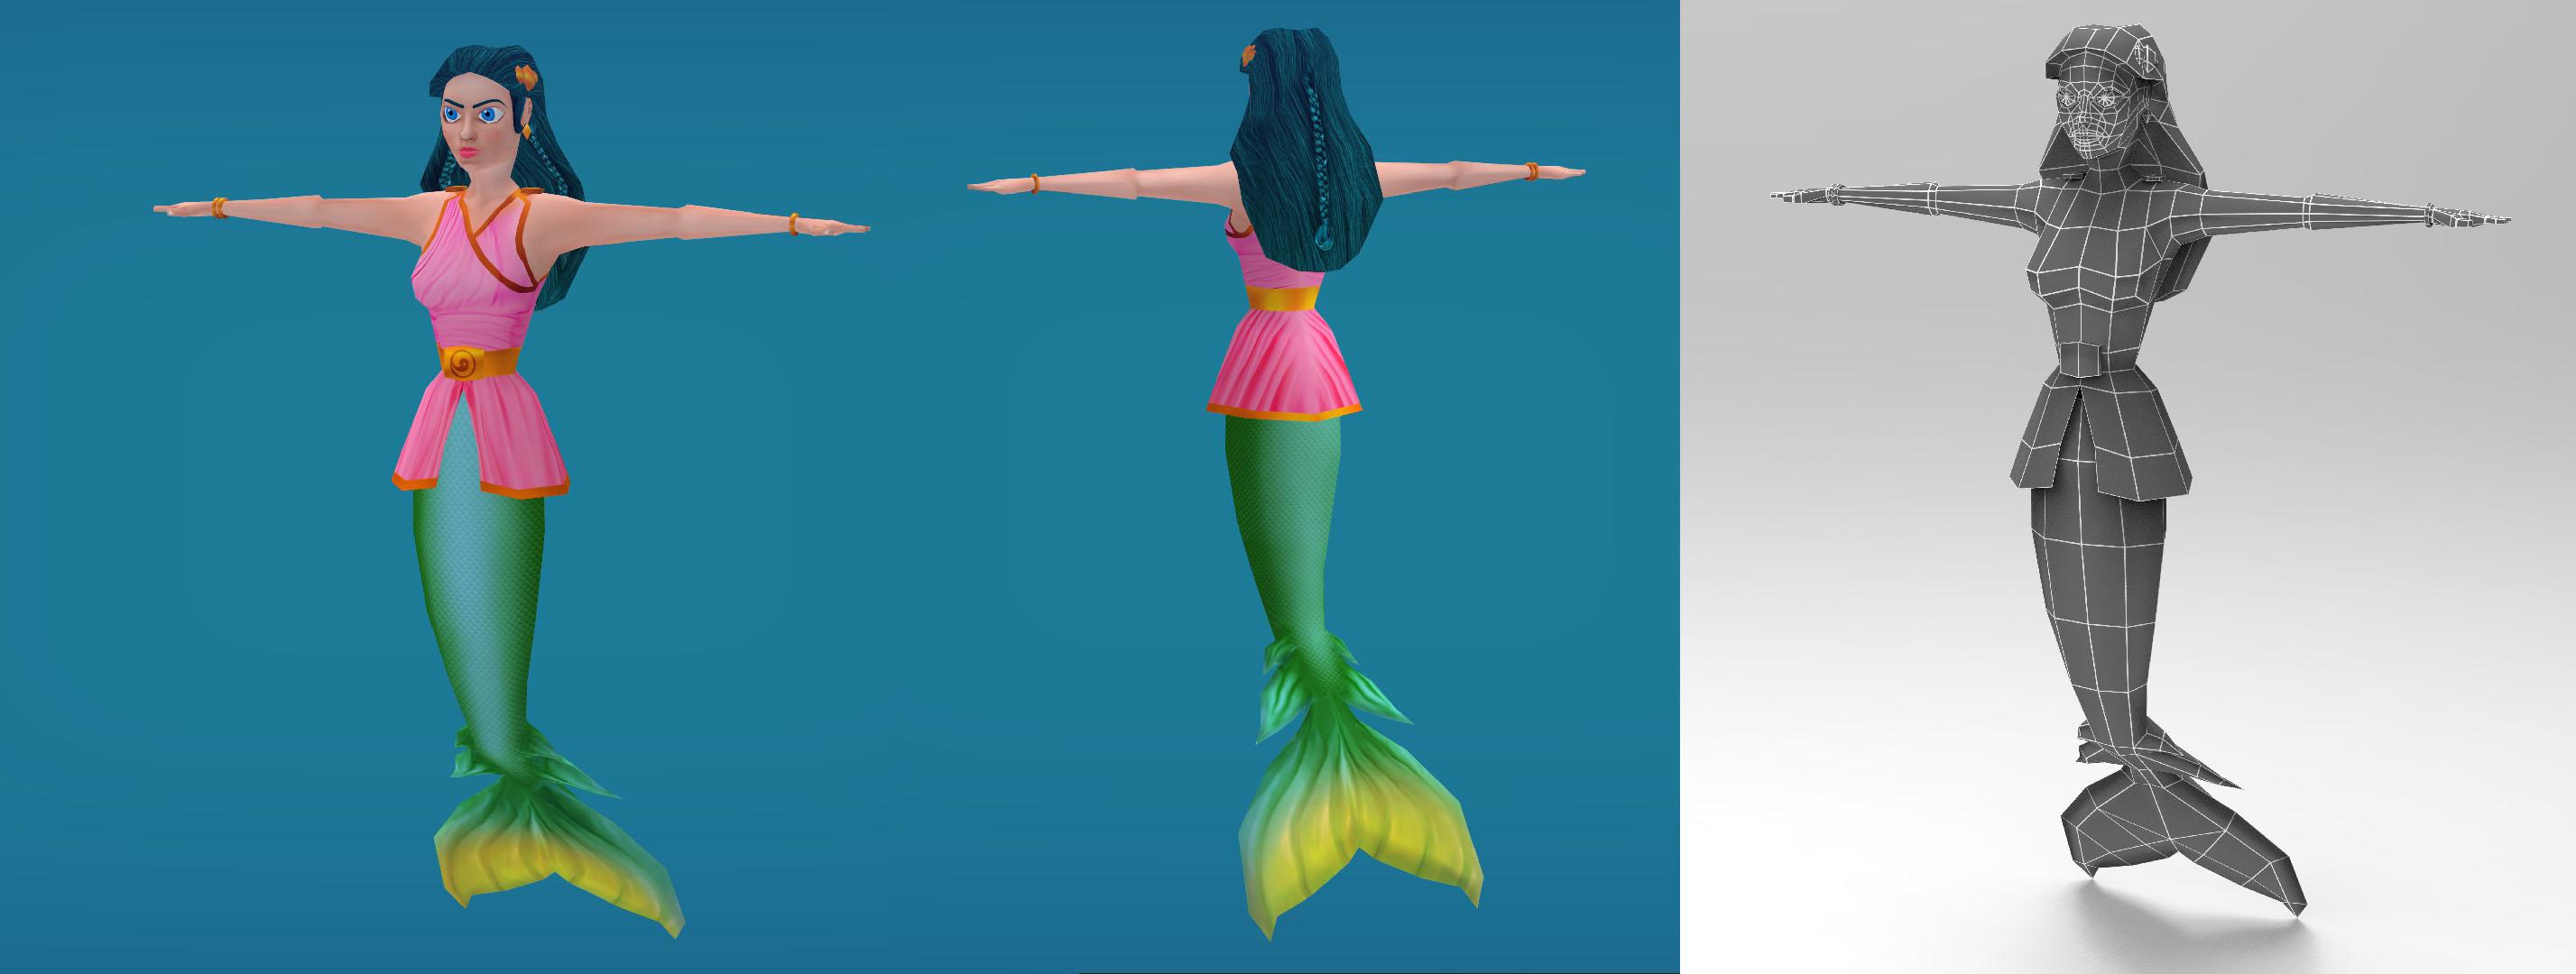 mermaid | 🎬 Видео ролики / Катсцены  / 3D модели / Анимация